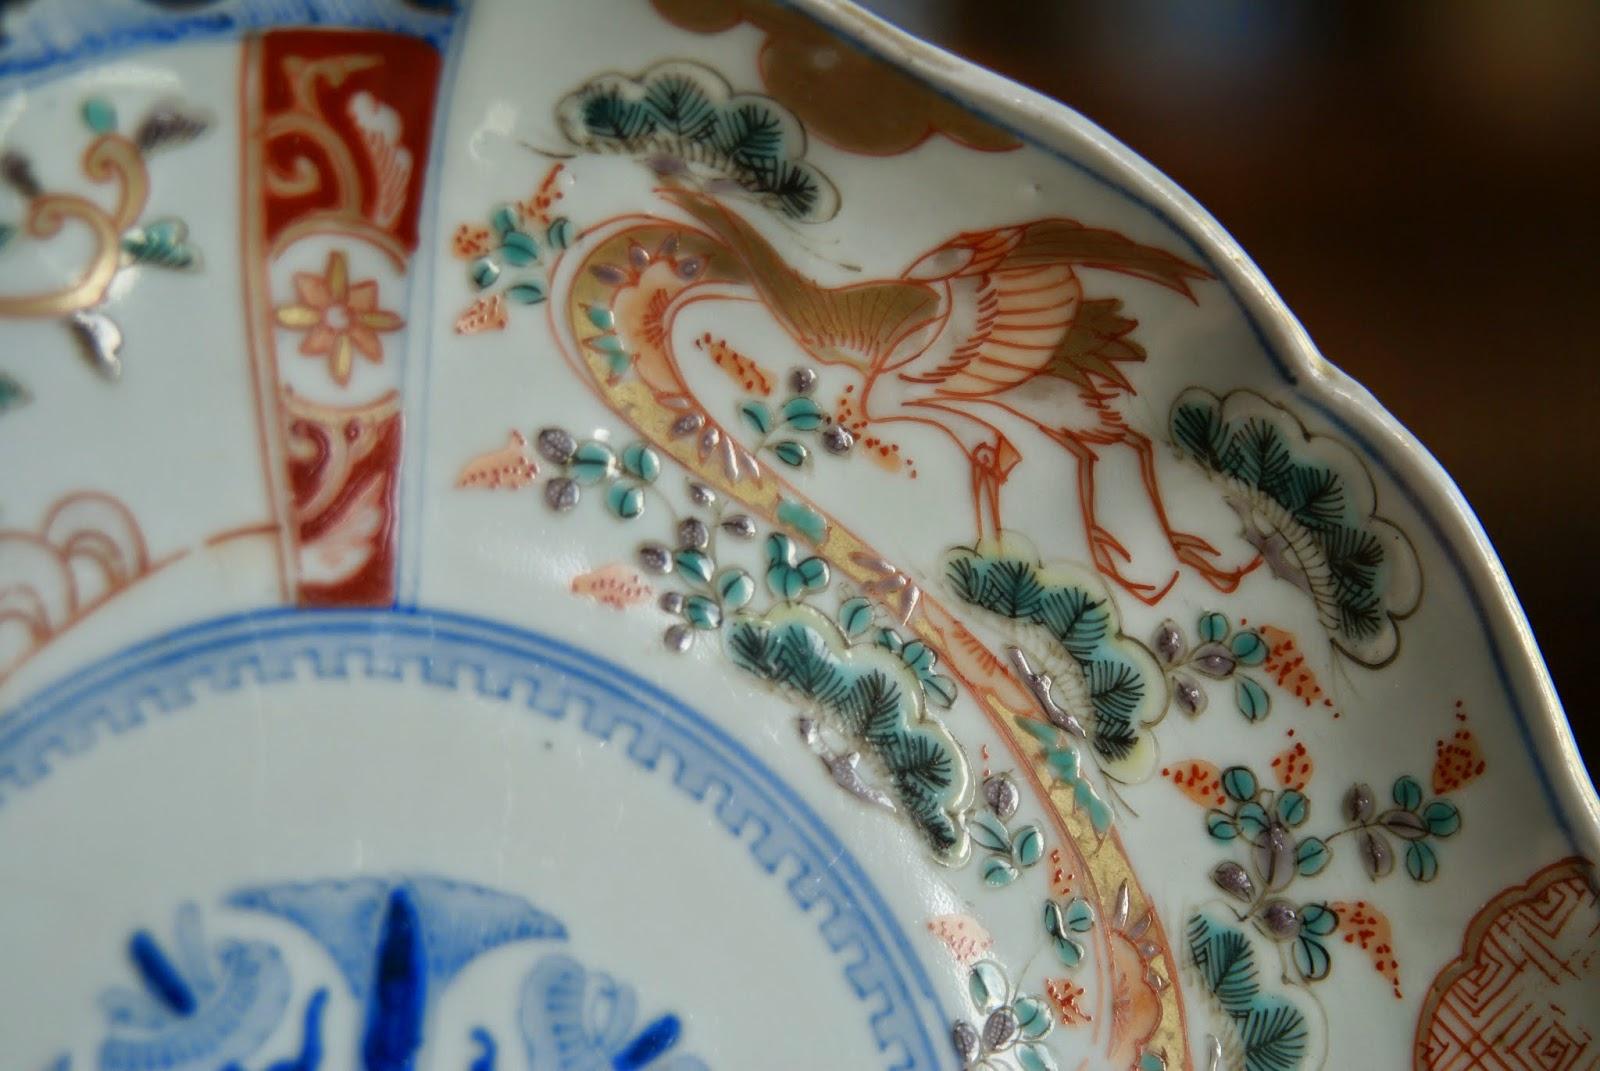 Le d cor de la porcelaine sur ou sous couverte for Decoration sur porcelaine